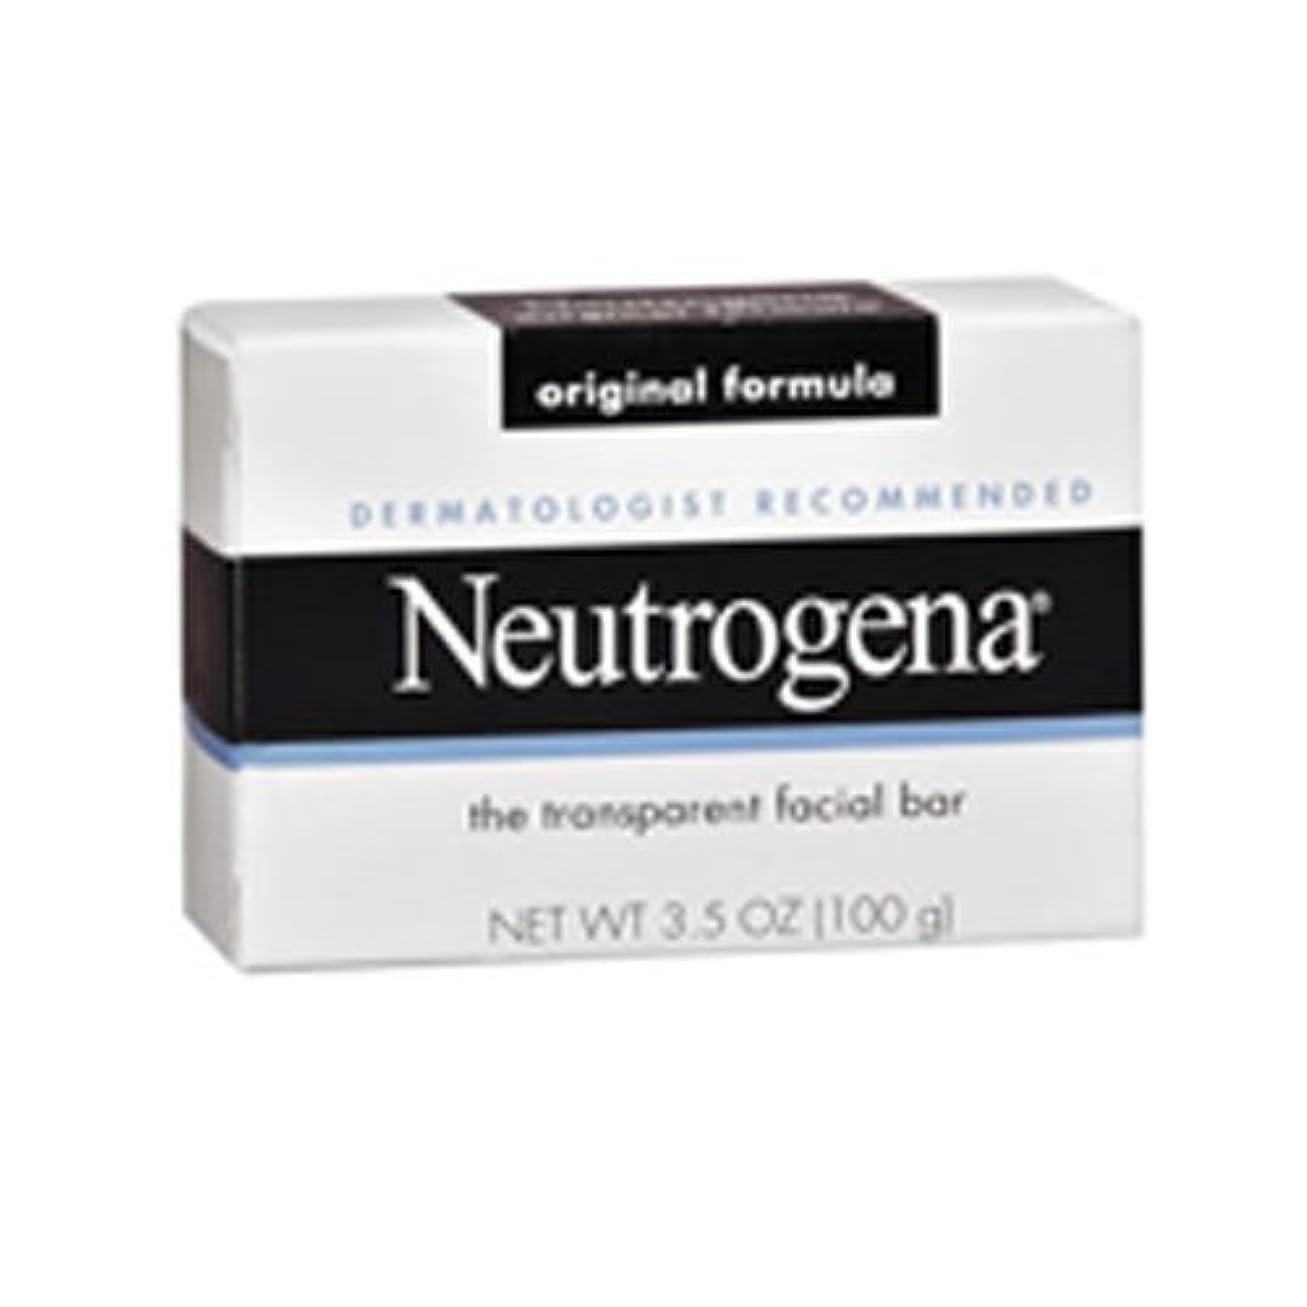 破滅的なインスタント季節海外直送肘 Neutrogena Transparent Facial Soap Bar, 3.5 oz